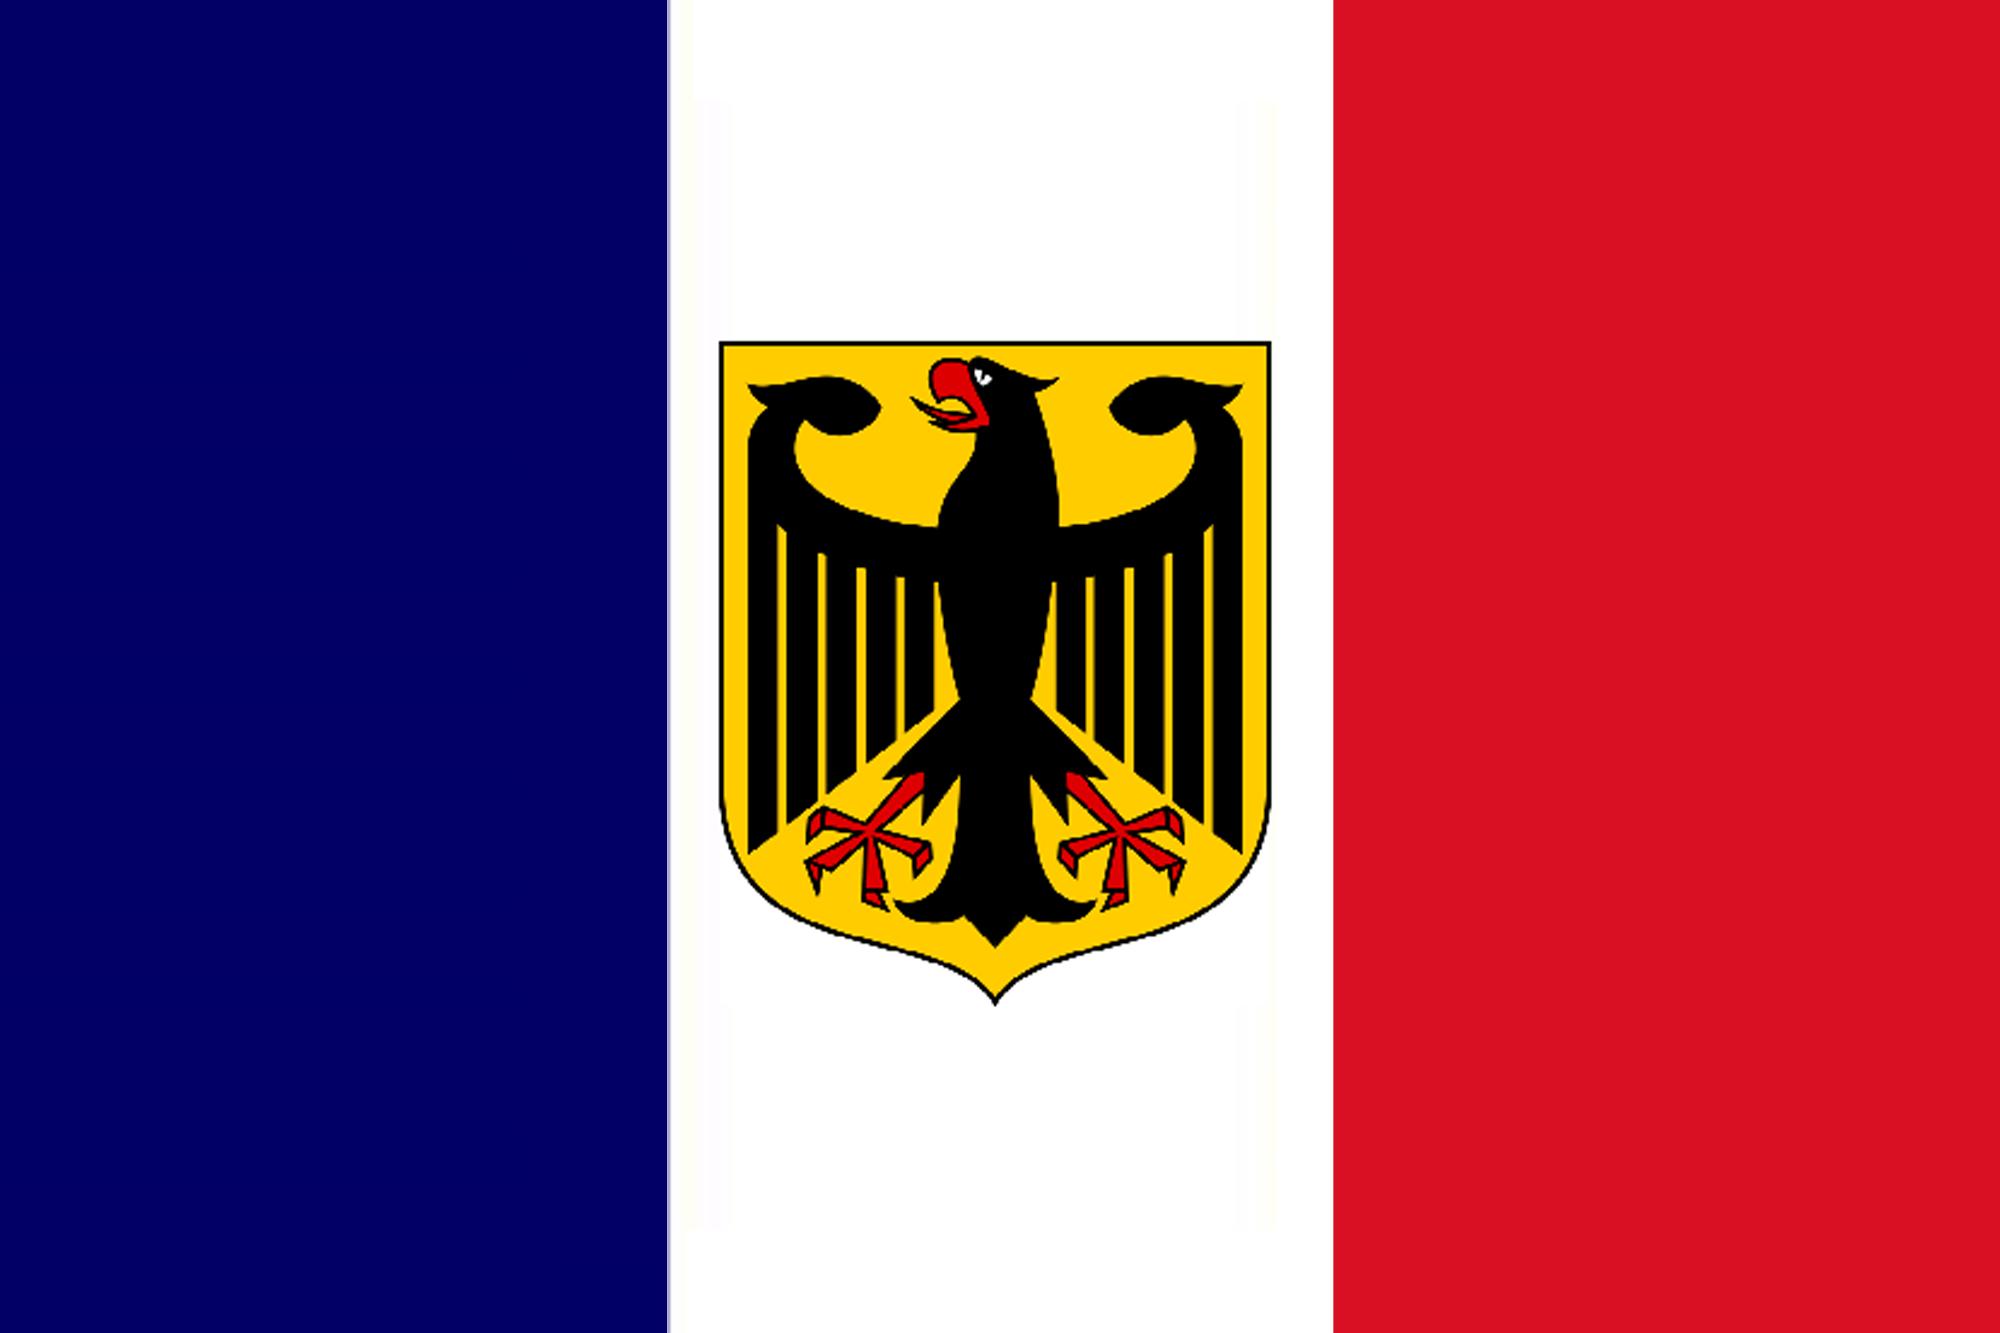 Bandera Galia.png